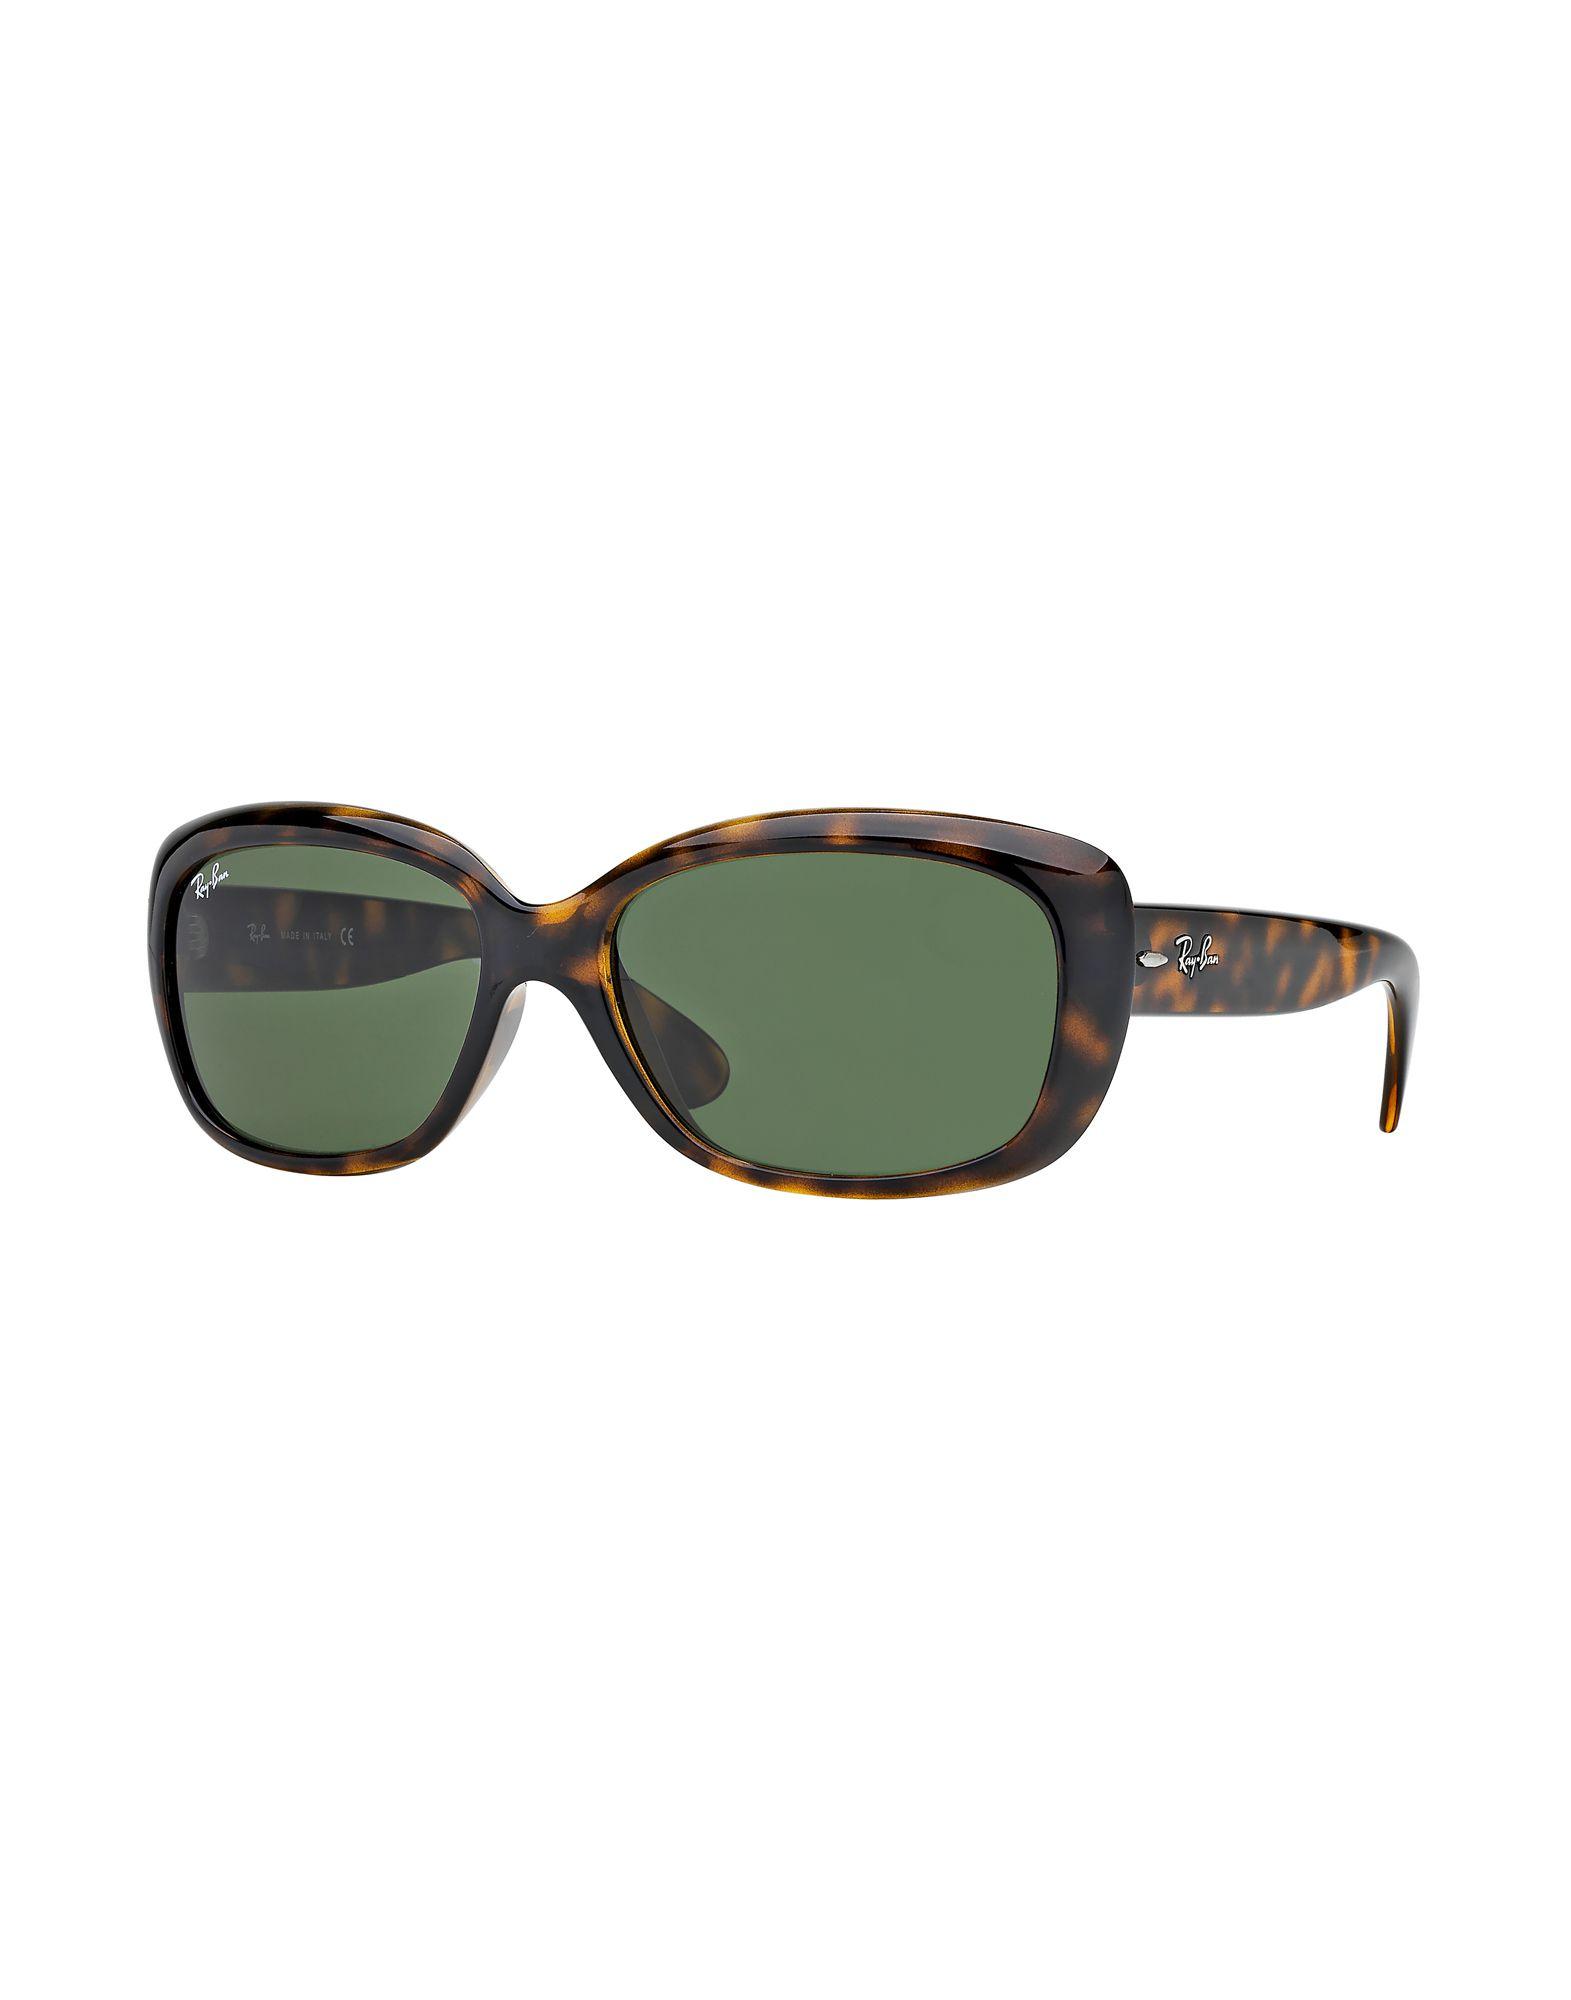 RAY-BAN Damen Sonnenbrille Farbe Dunkelbraun Größe 11 jetztbilligerkaufen